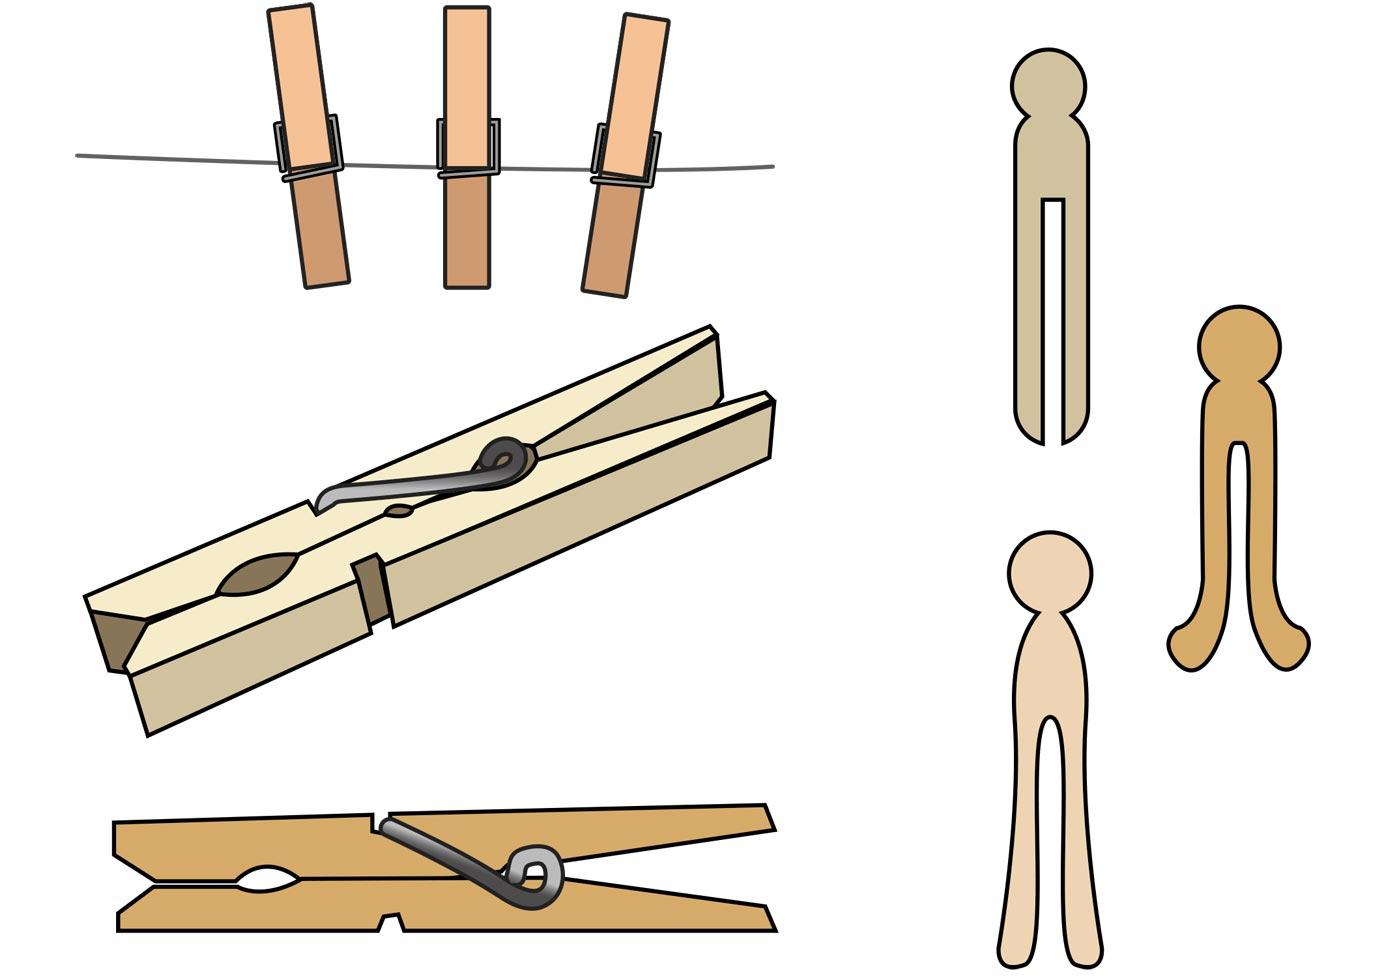 clothes peg clip art - photo #31